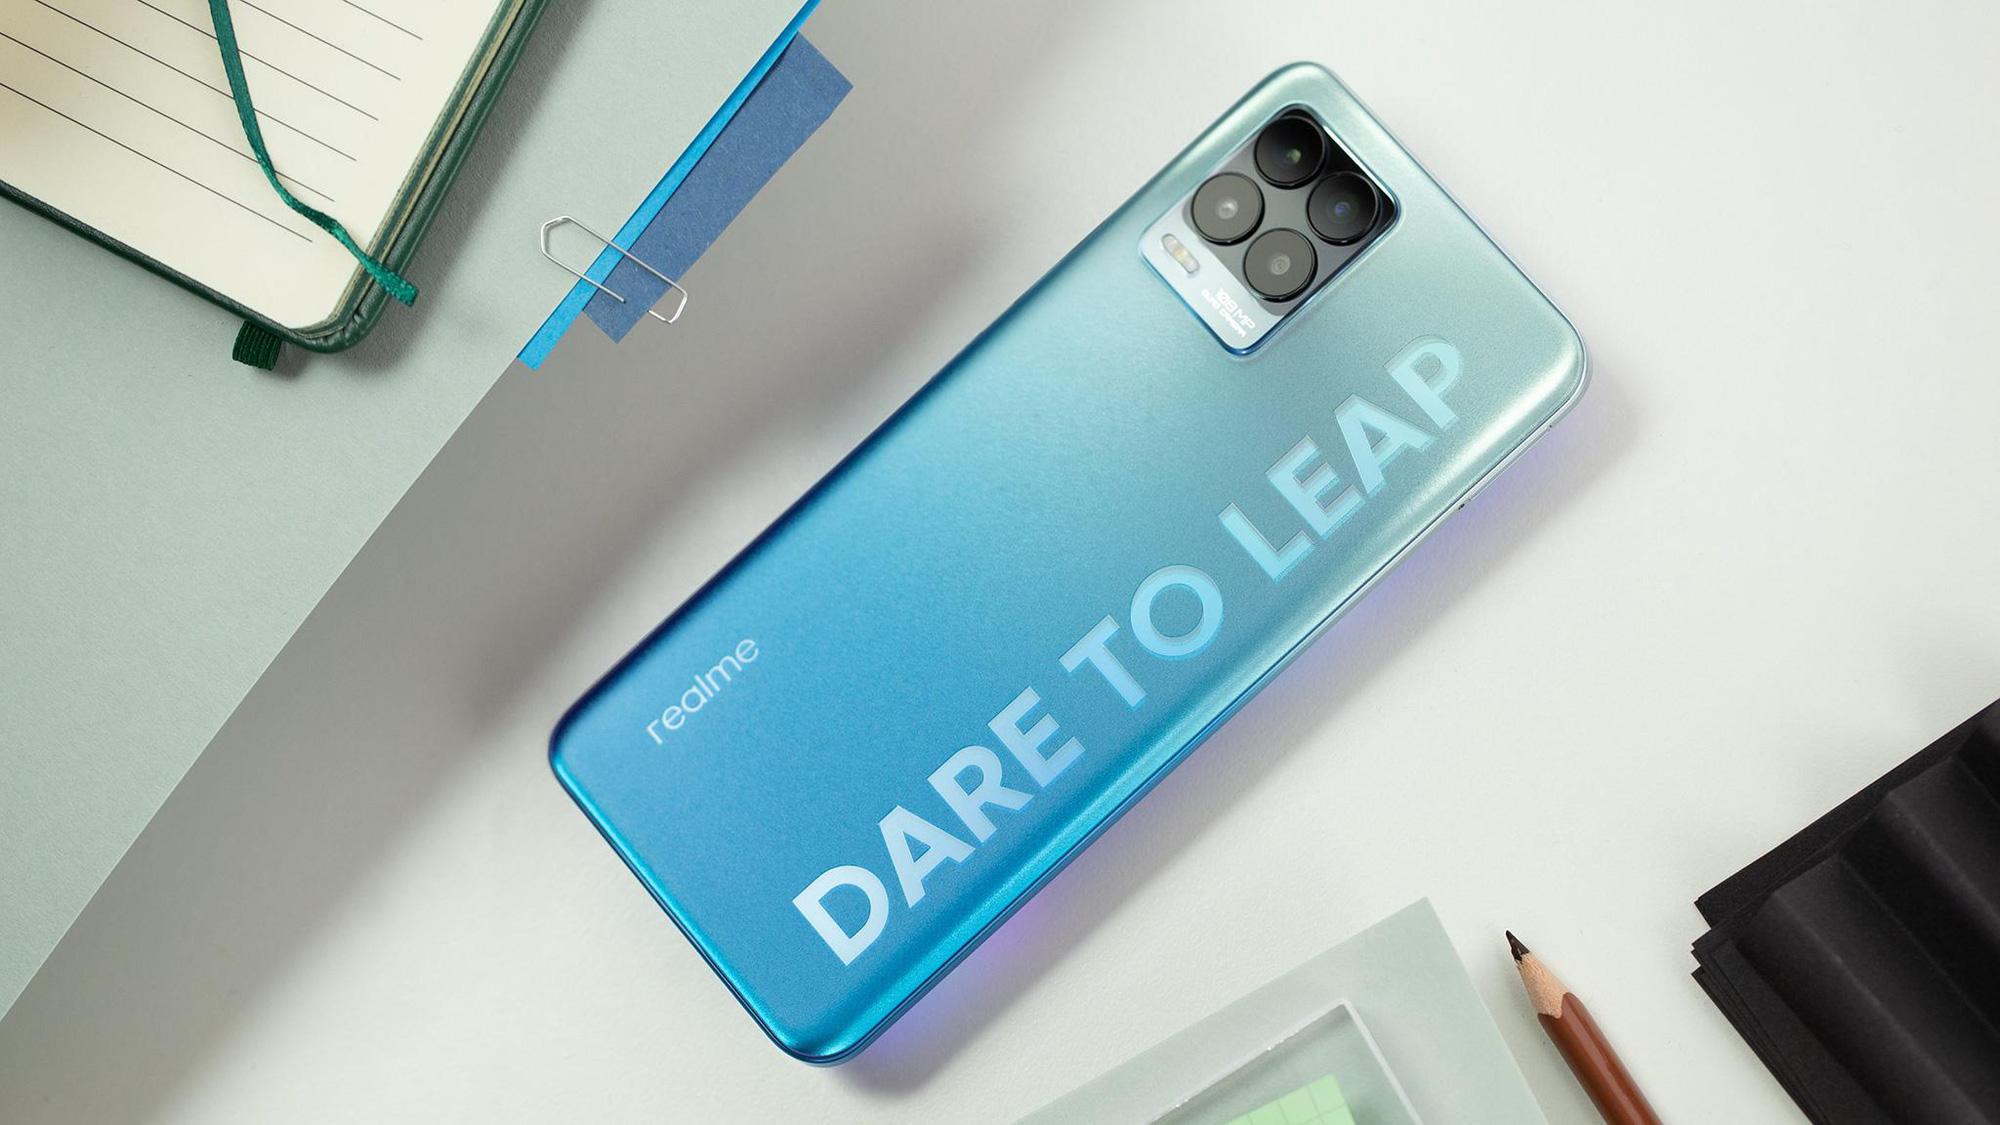 """Chiếc smartphone Realme 8 Pro """"vừa khít"""" gu Gen Z, đặt trước tại Thế Giới Di Động còn được giảm 300k tặng loa bluetooth 1.290.000 đồng - Ảnh 1."""